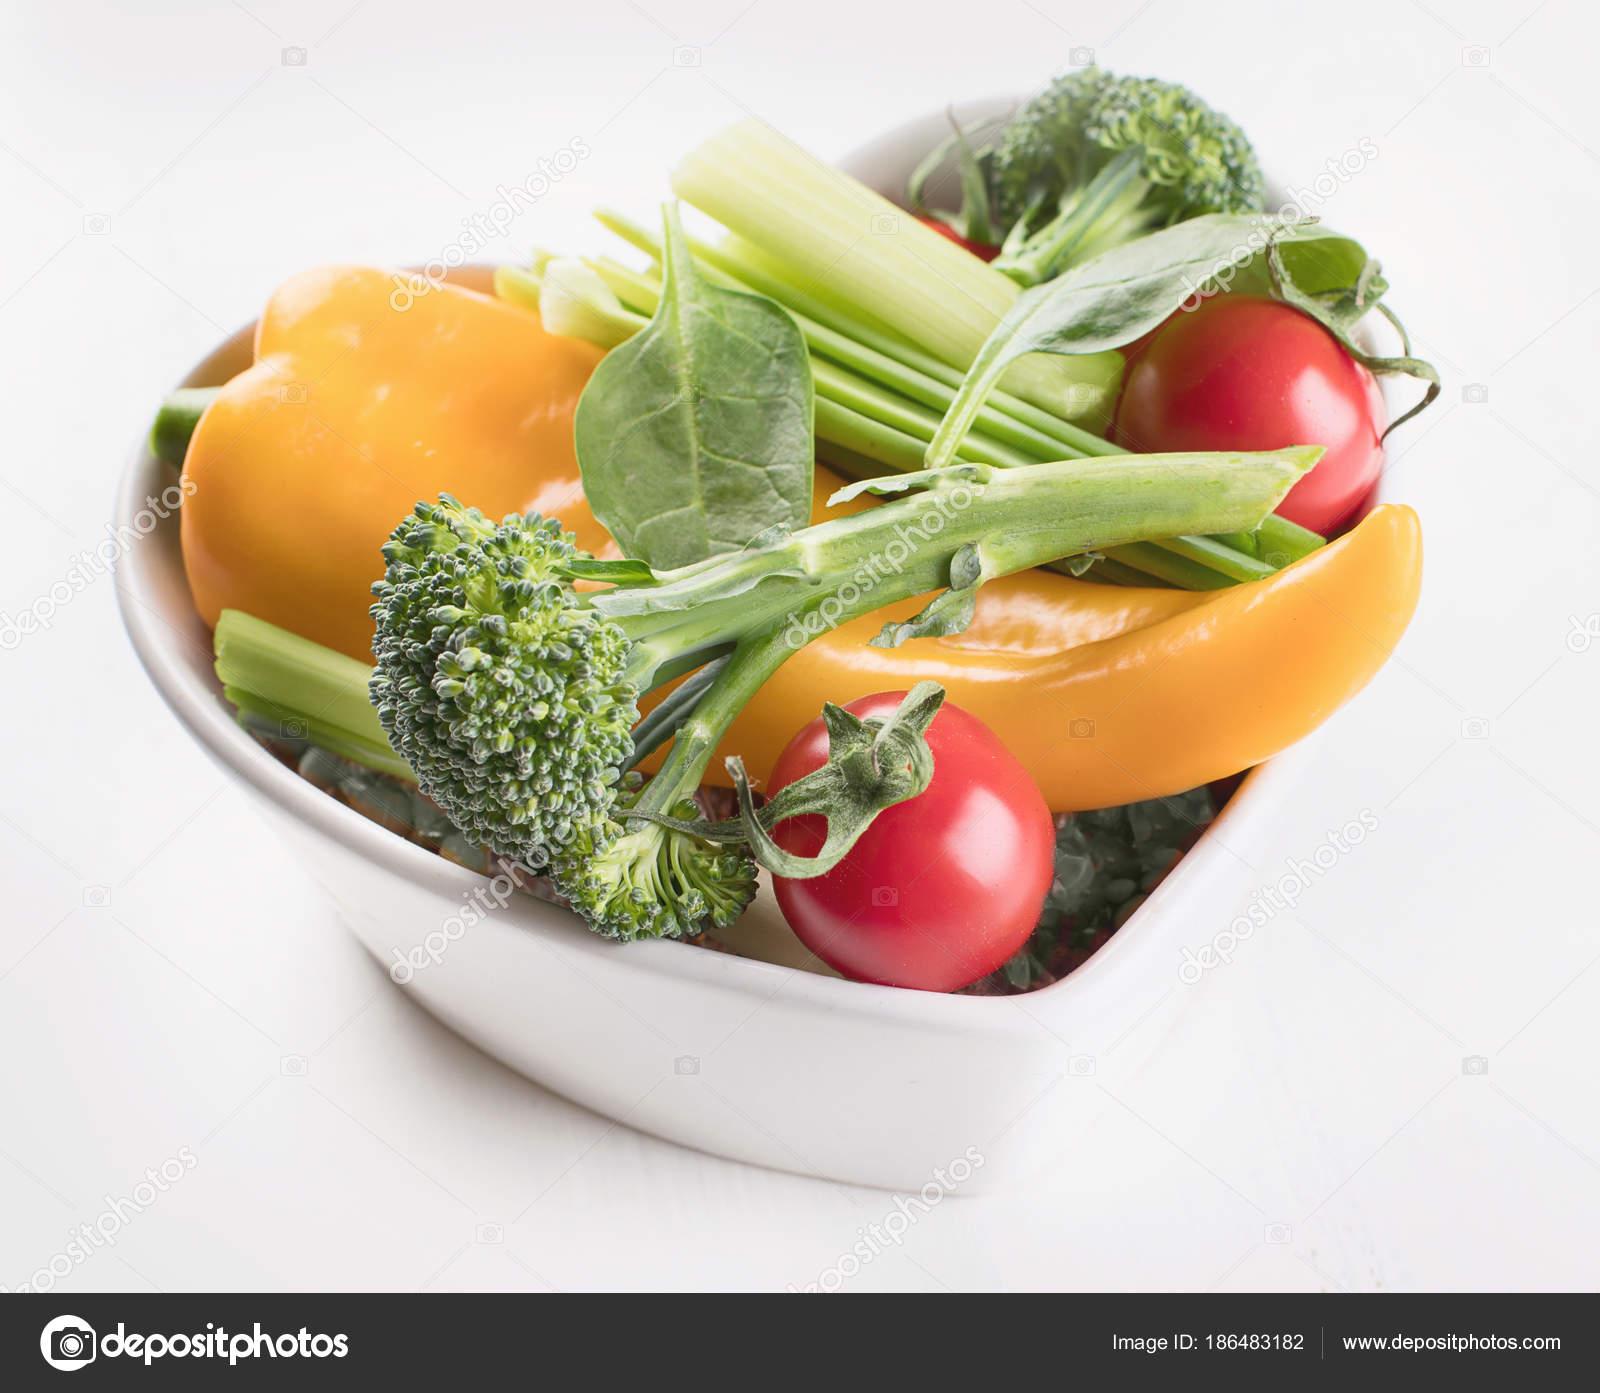 Палео диета концепции. Высоким содержанием белка пищи. Свежие.